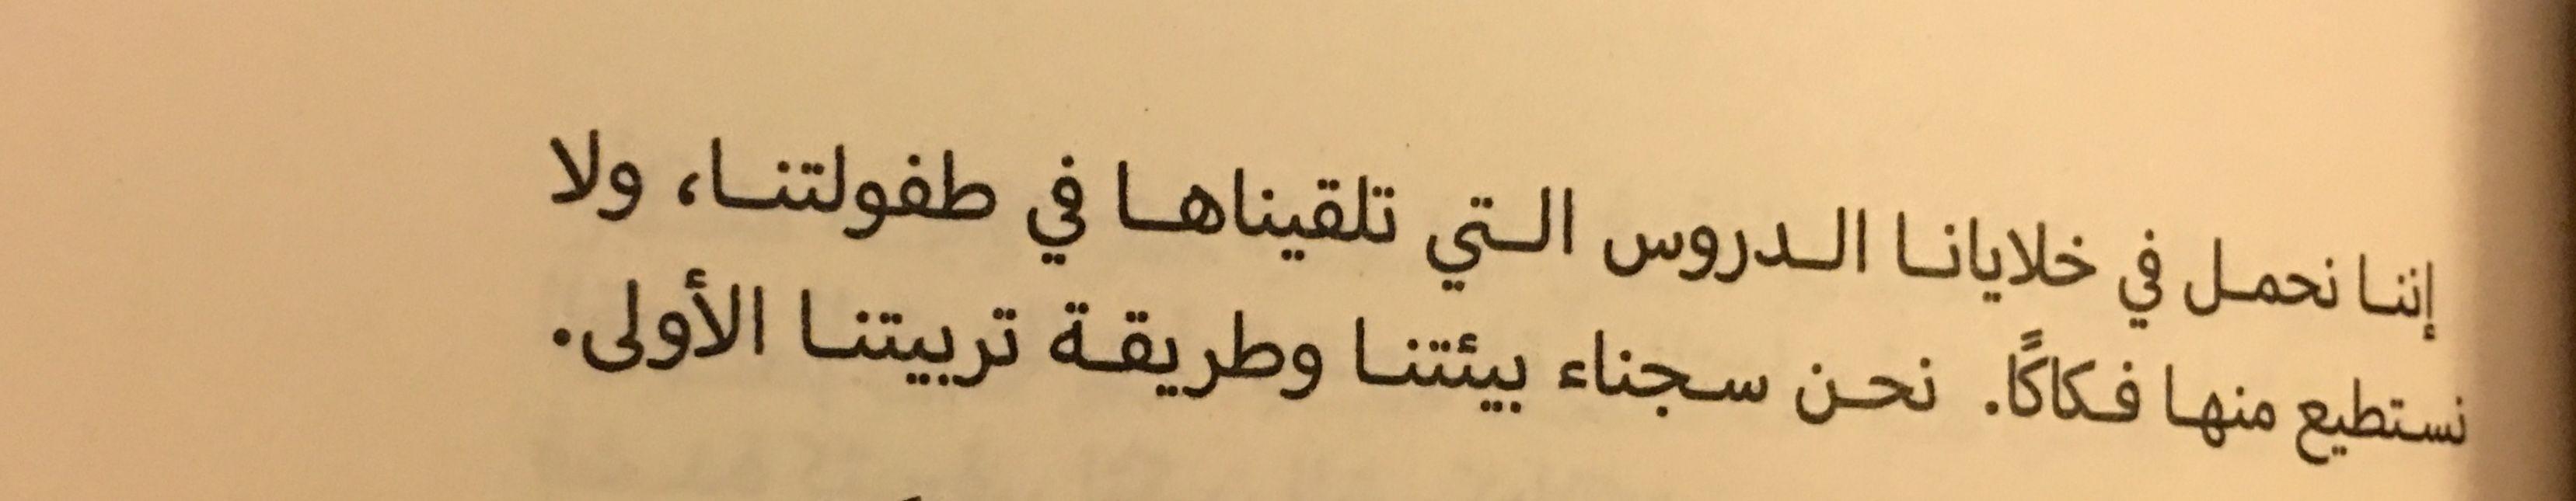 من كتاب شاي بالنعناع